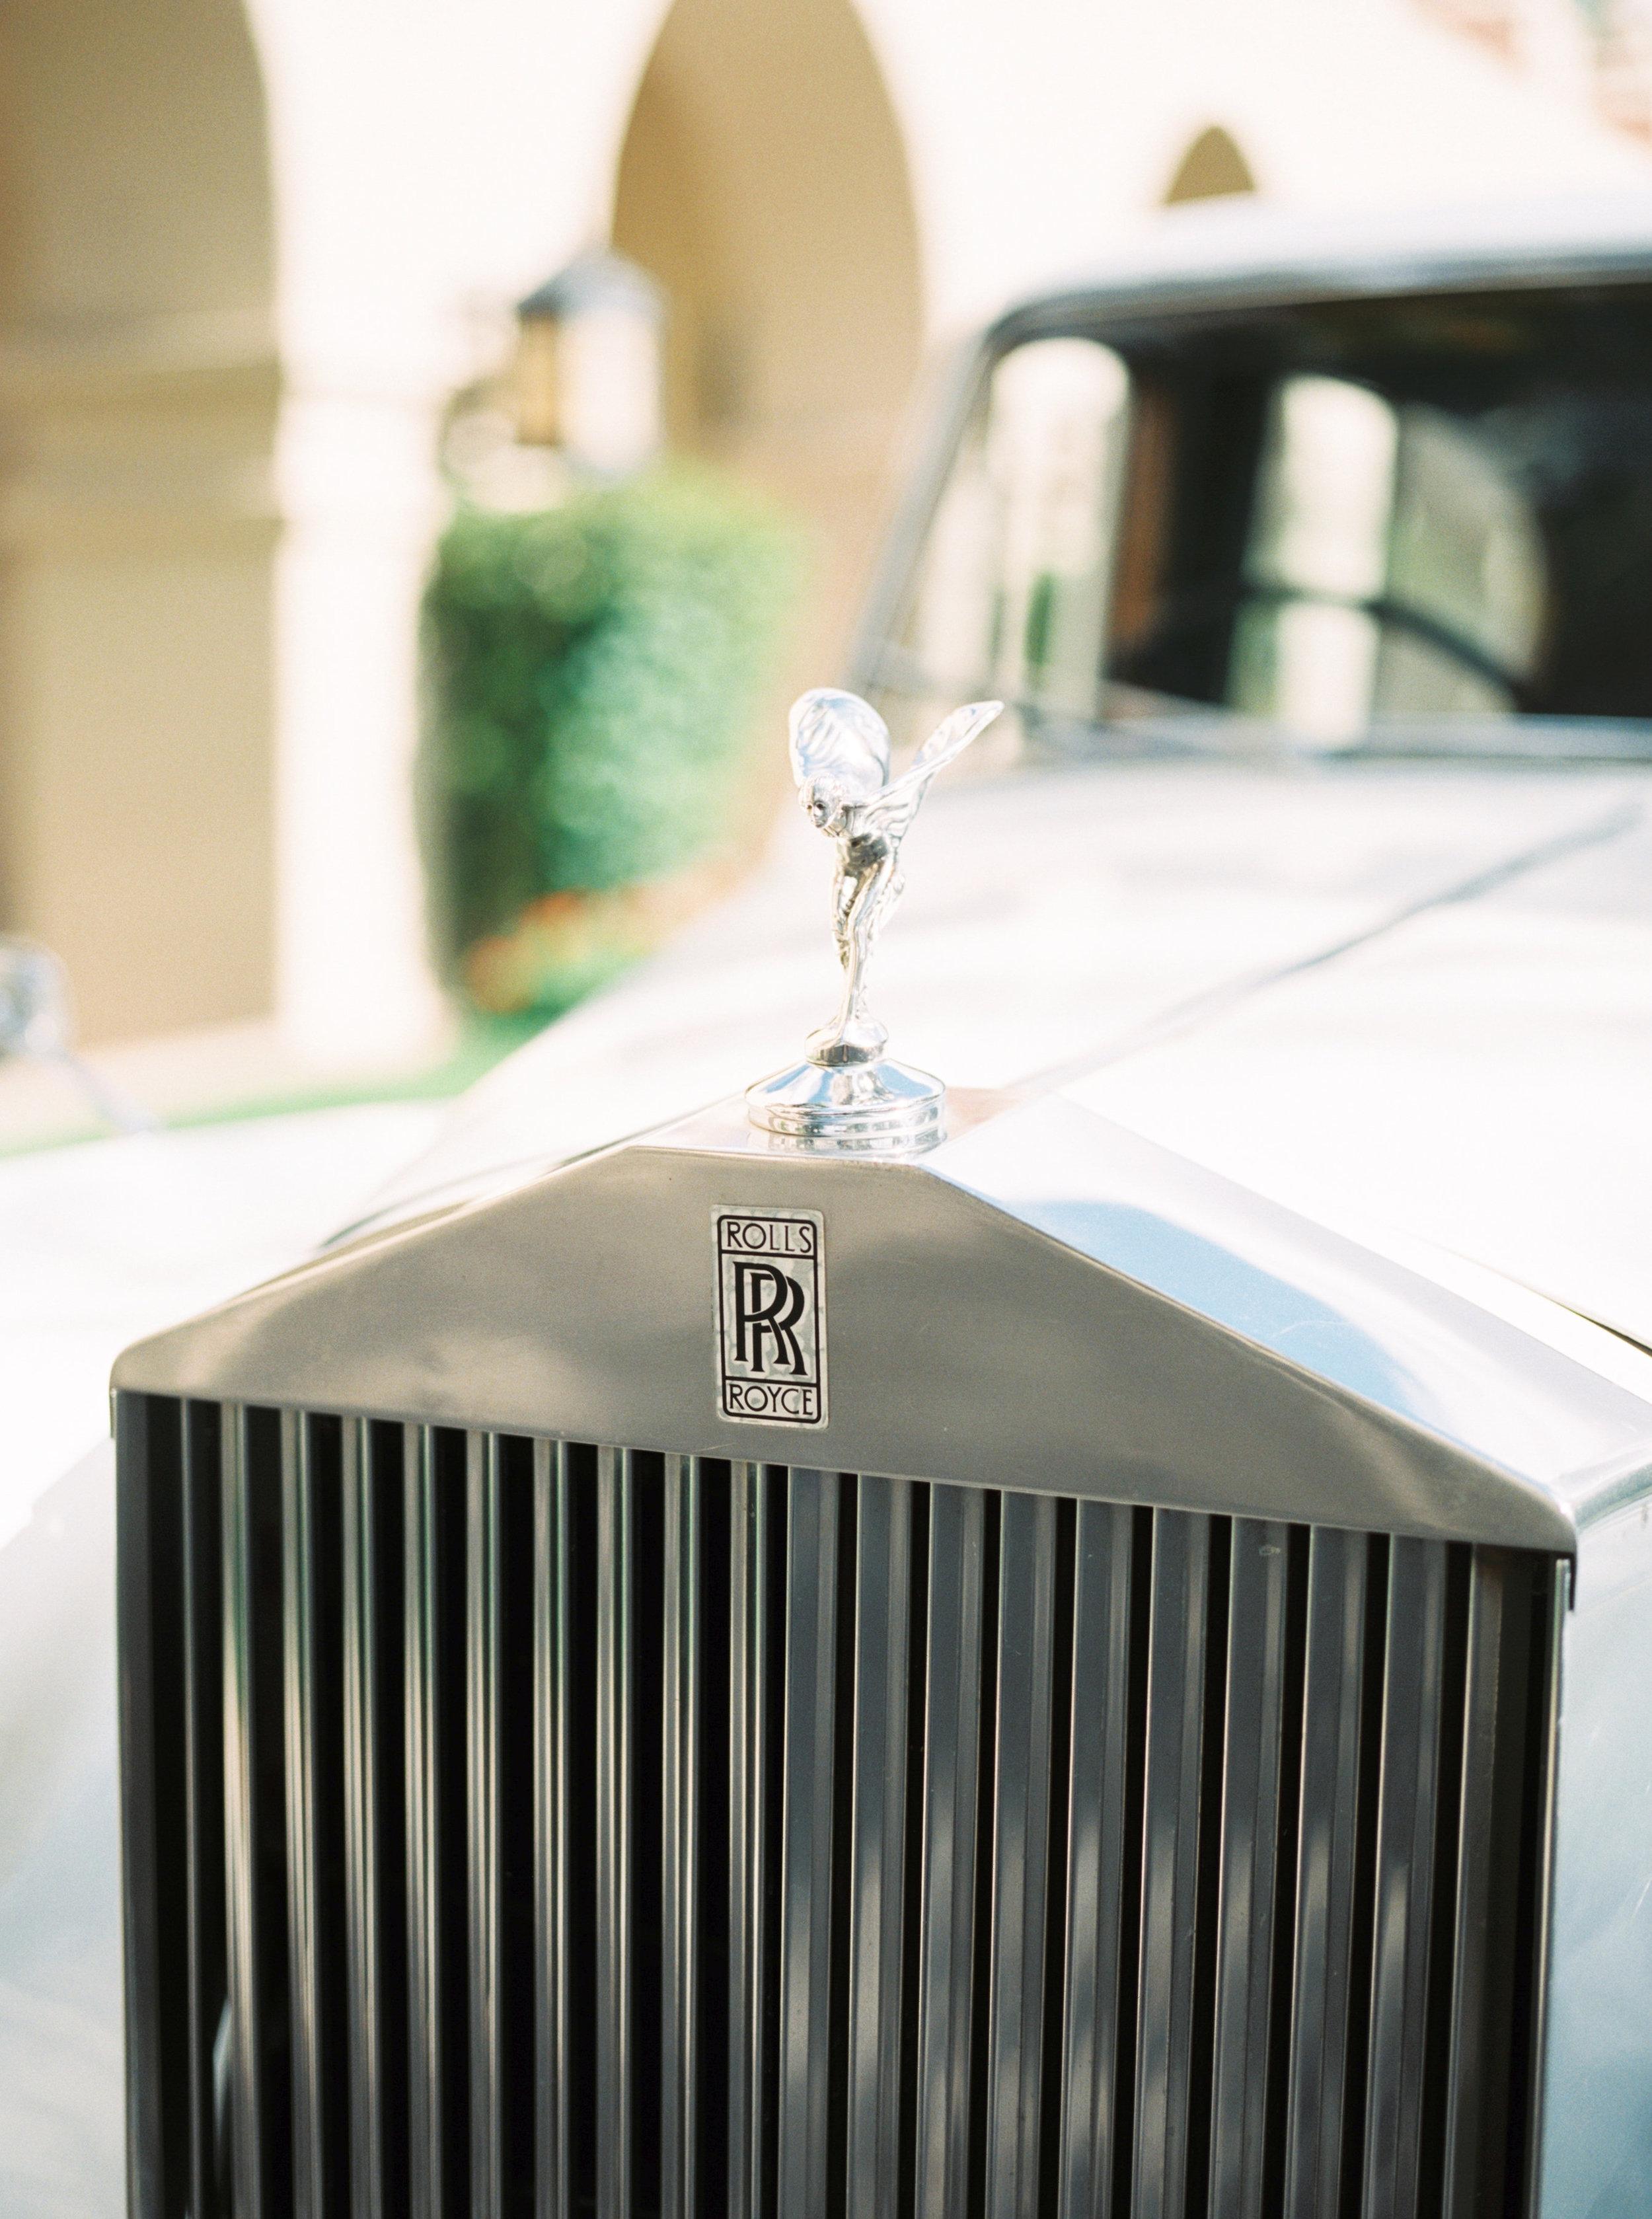 Rolls Royce wedding transportation, wedding transportation, bride and groom transportation